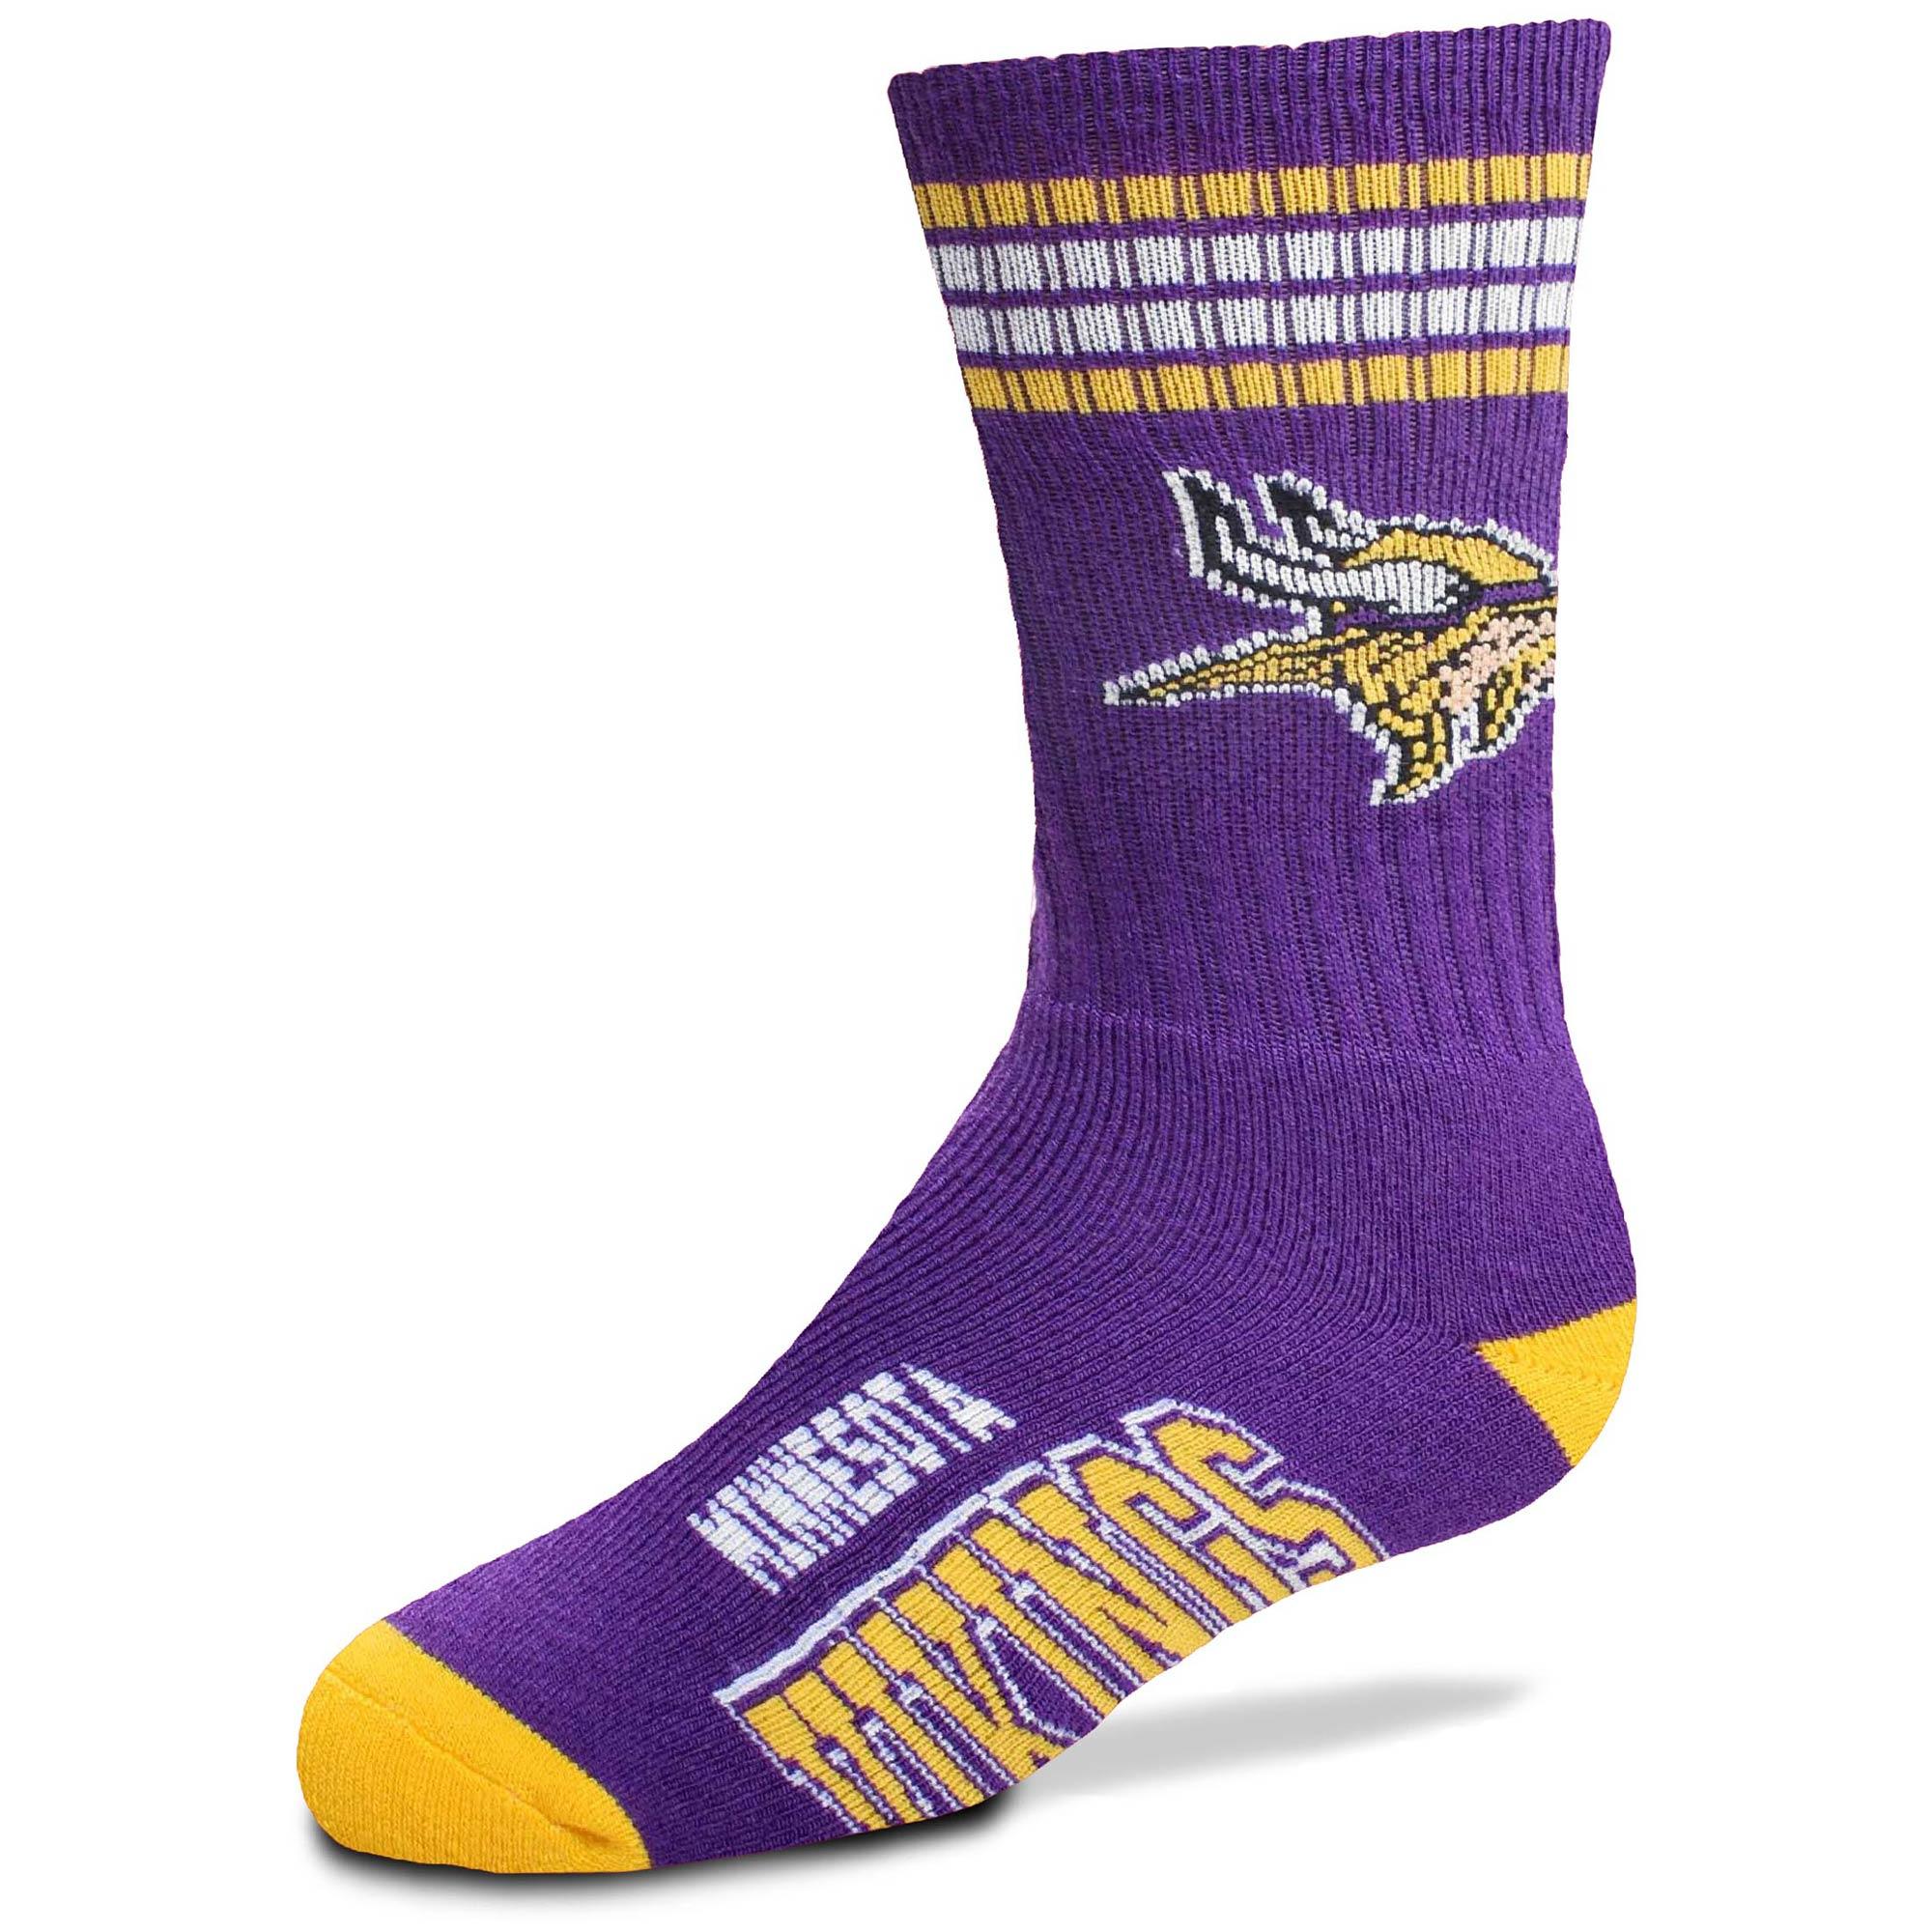 Minnesota Vikings For Bare Feet Youth Four-Stripe Deuce Quarter-Length Socks